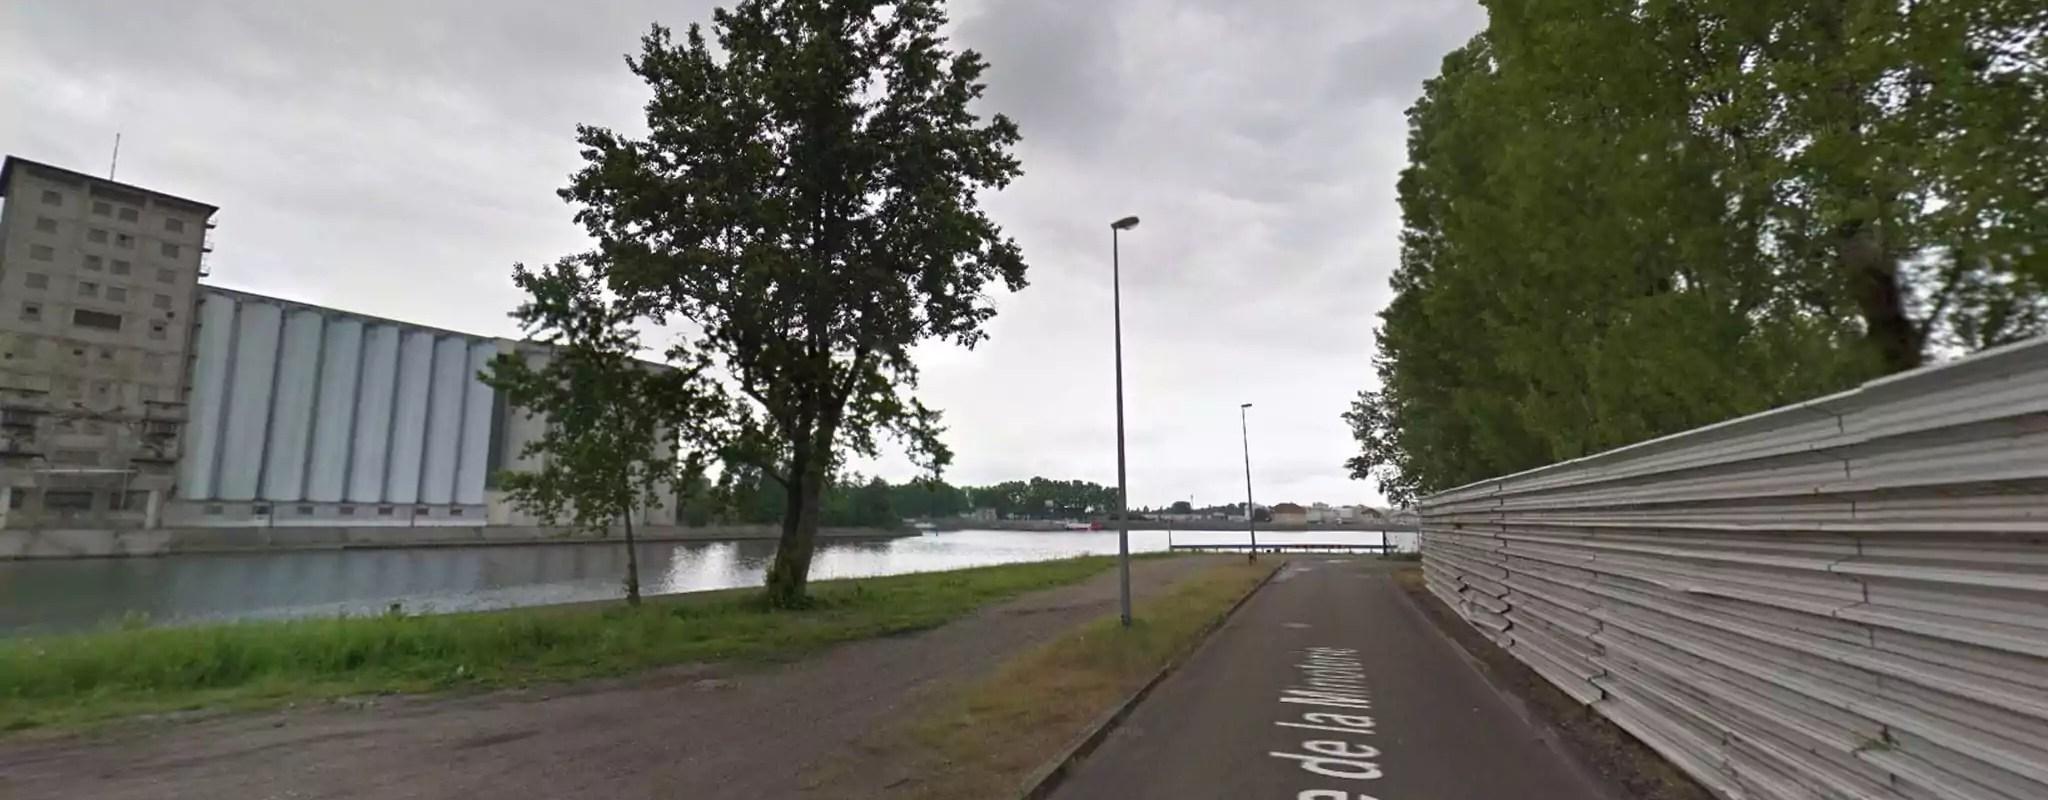 Le corps d'Axel retrouvé dans un bassin du Port-du-Rhin